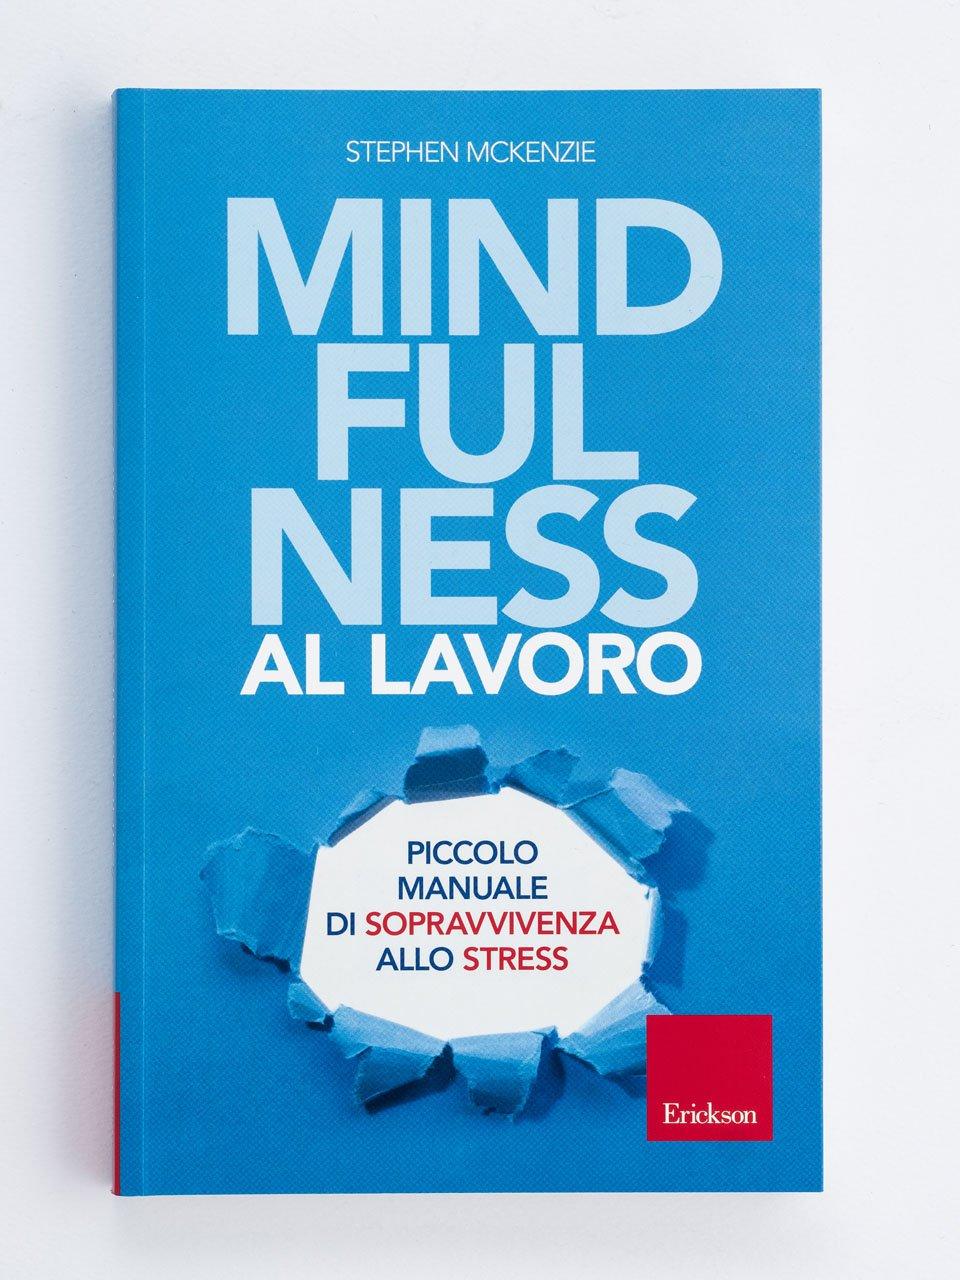 Mindfulness al lavoro - 7 regole per cambiare ed essere più felici - Erickson